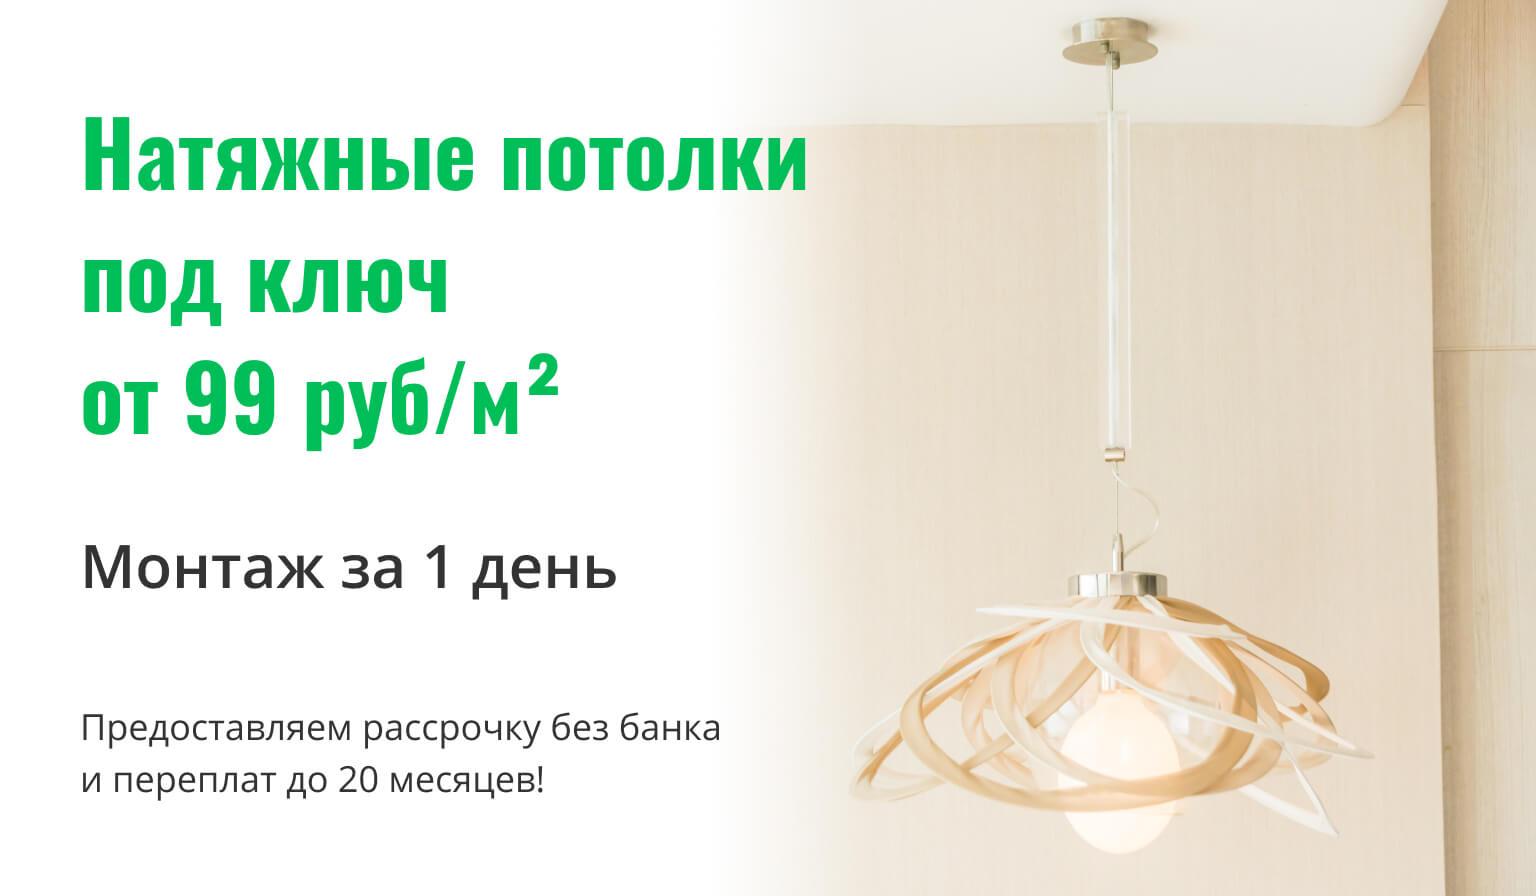 натяжные потолки под ключ от 99 рублей